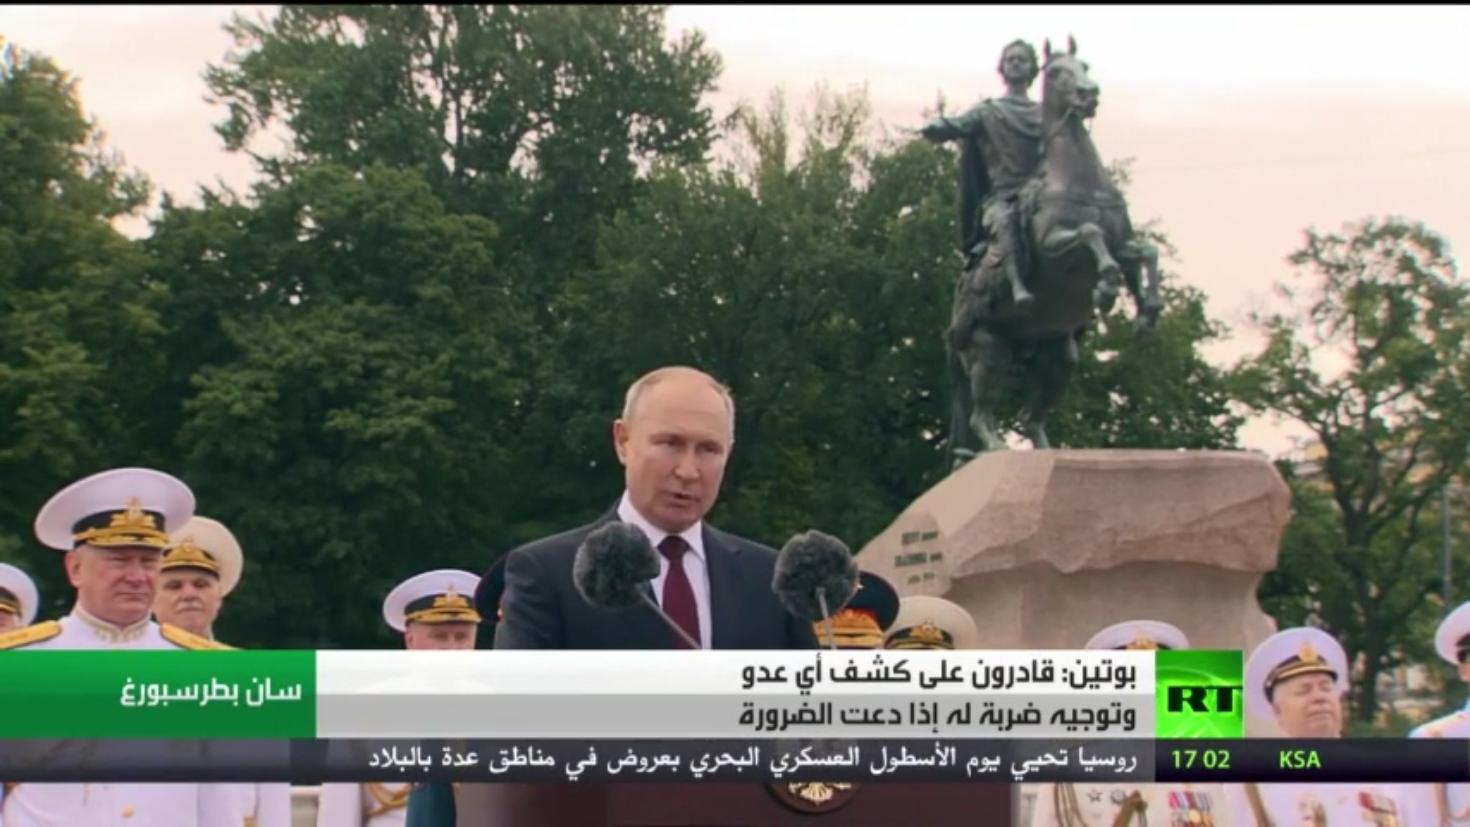 بوتين: قادرون على توجيه ضربة عسكرية لأي عدو